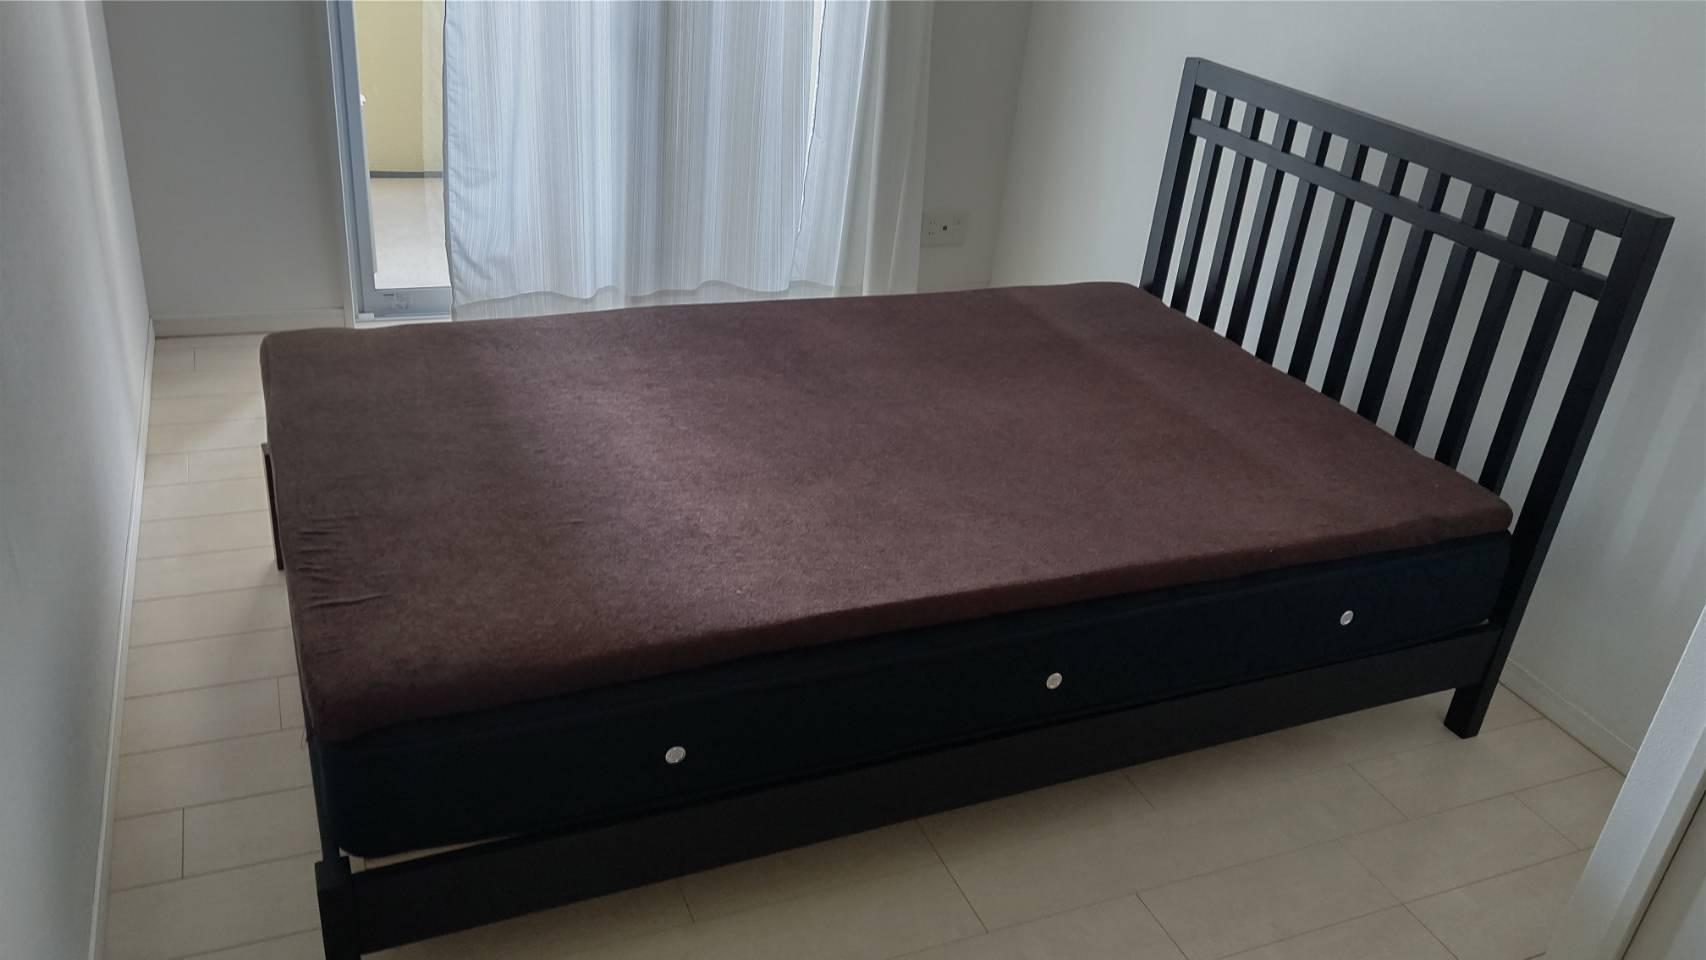 ベッド、マットレスの回収前